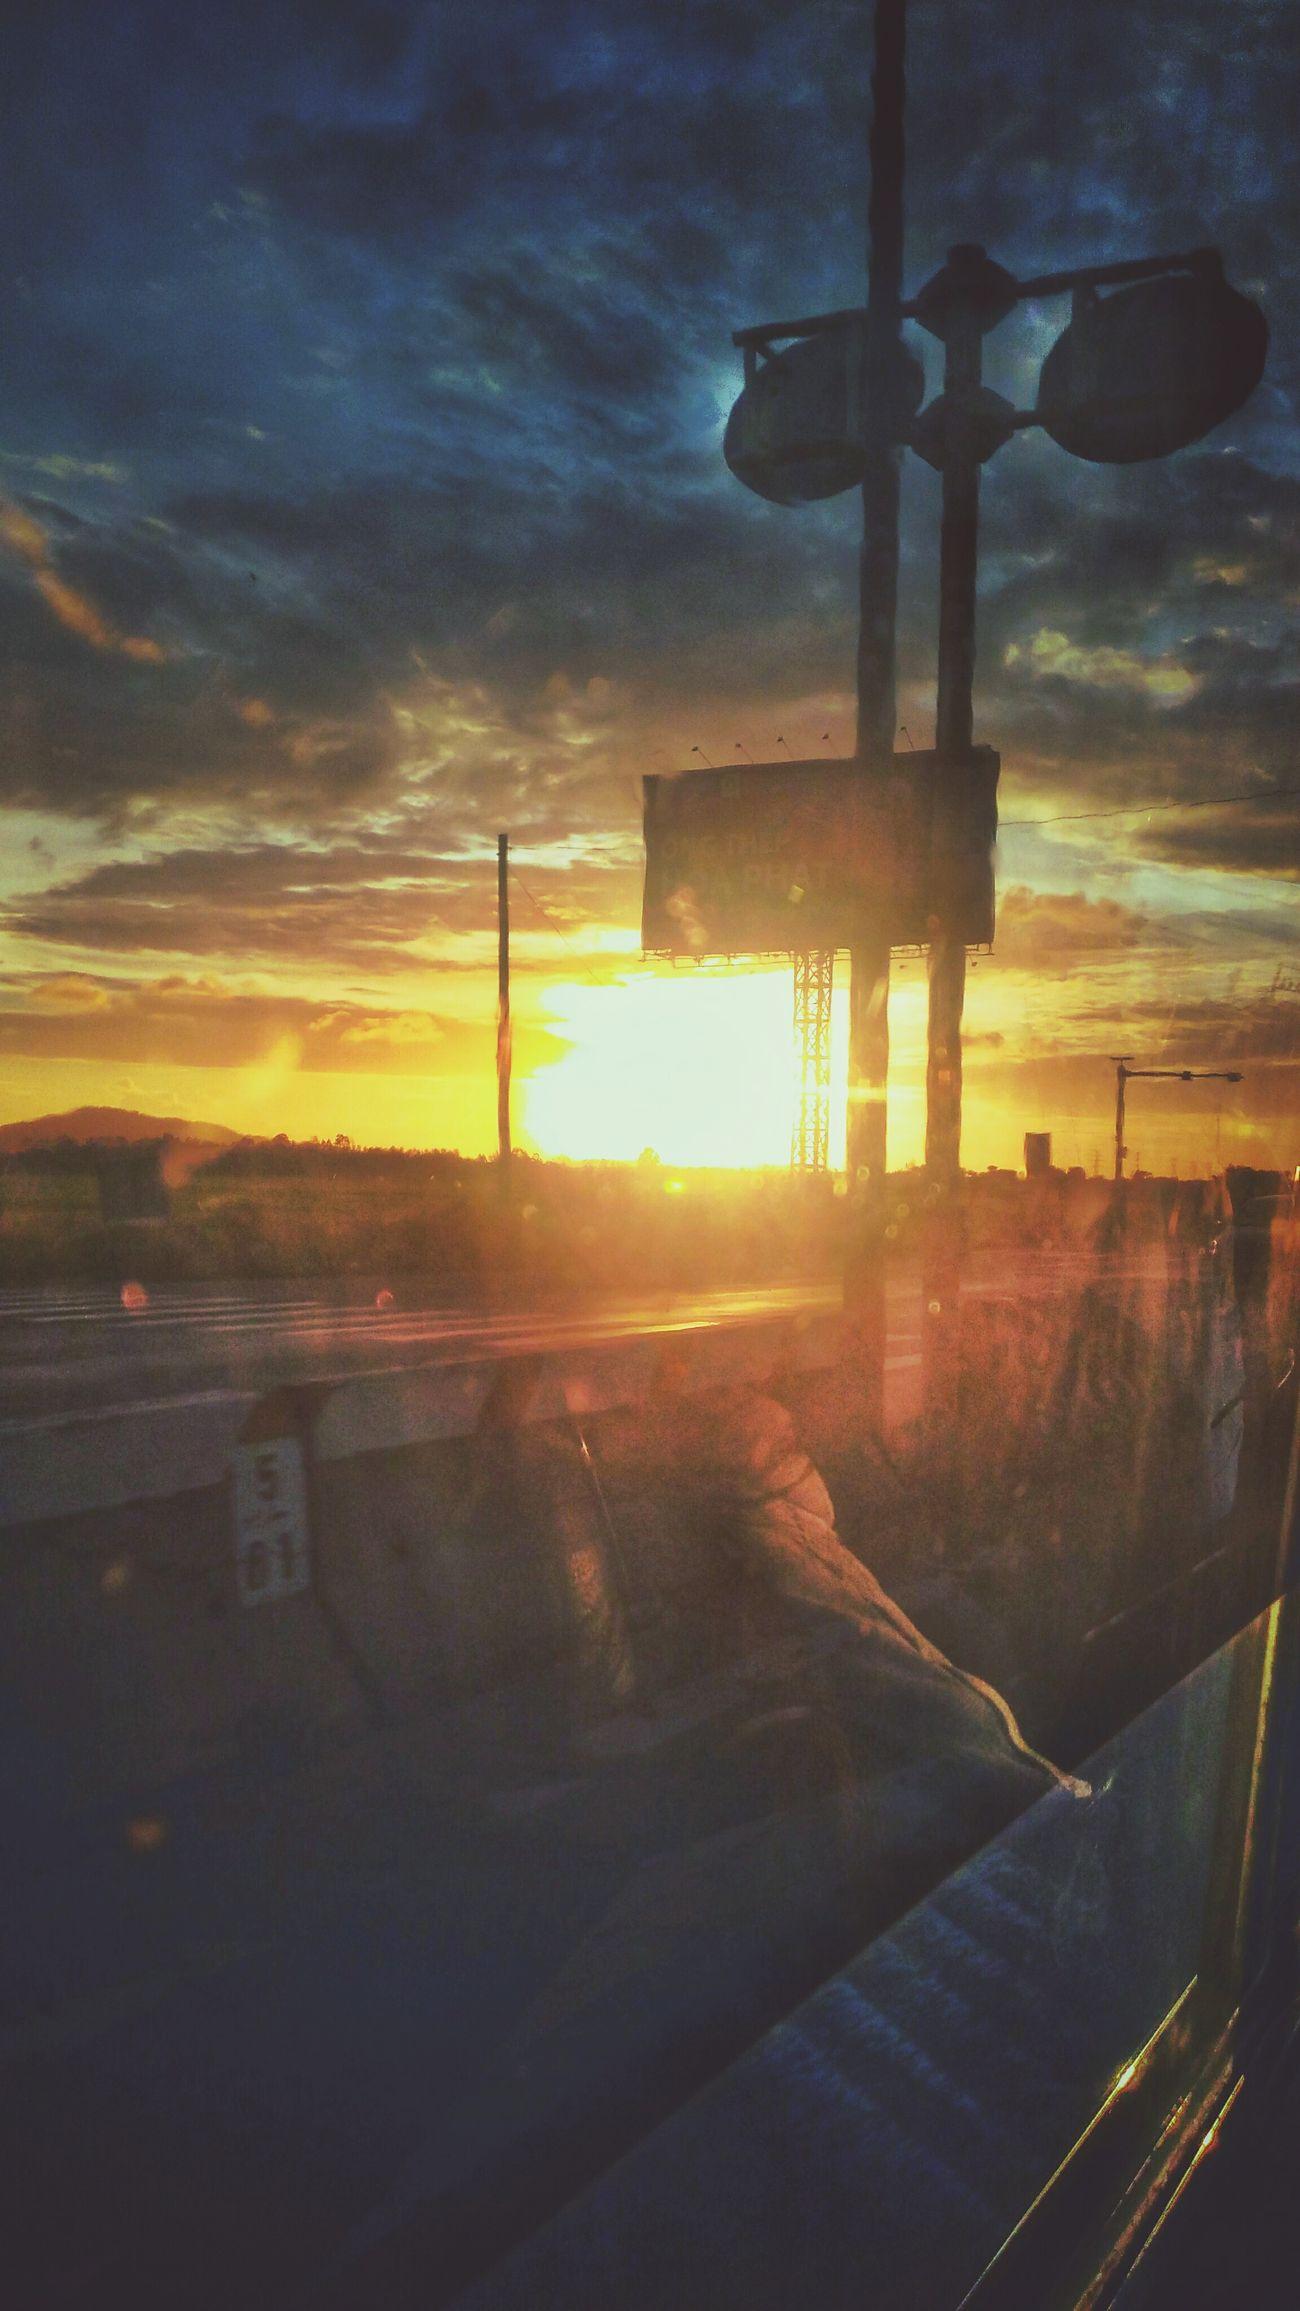 Sunset_captures Vietnam Retouch